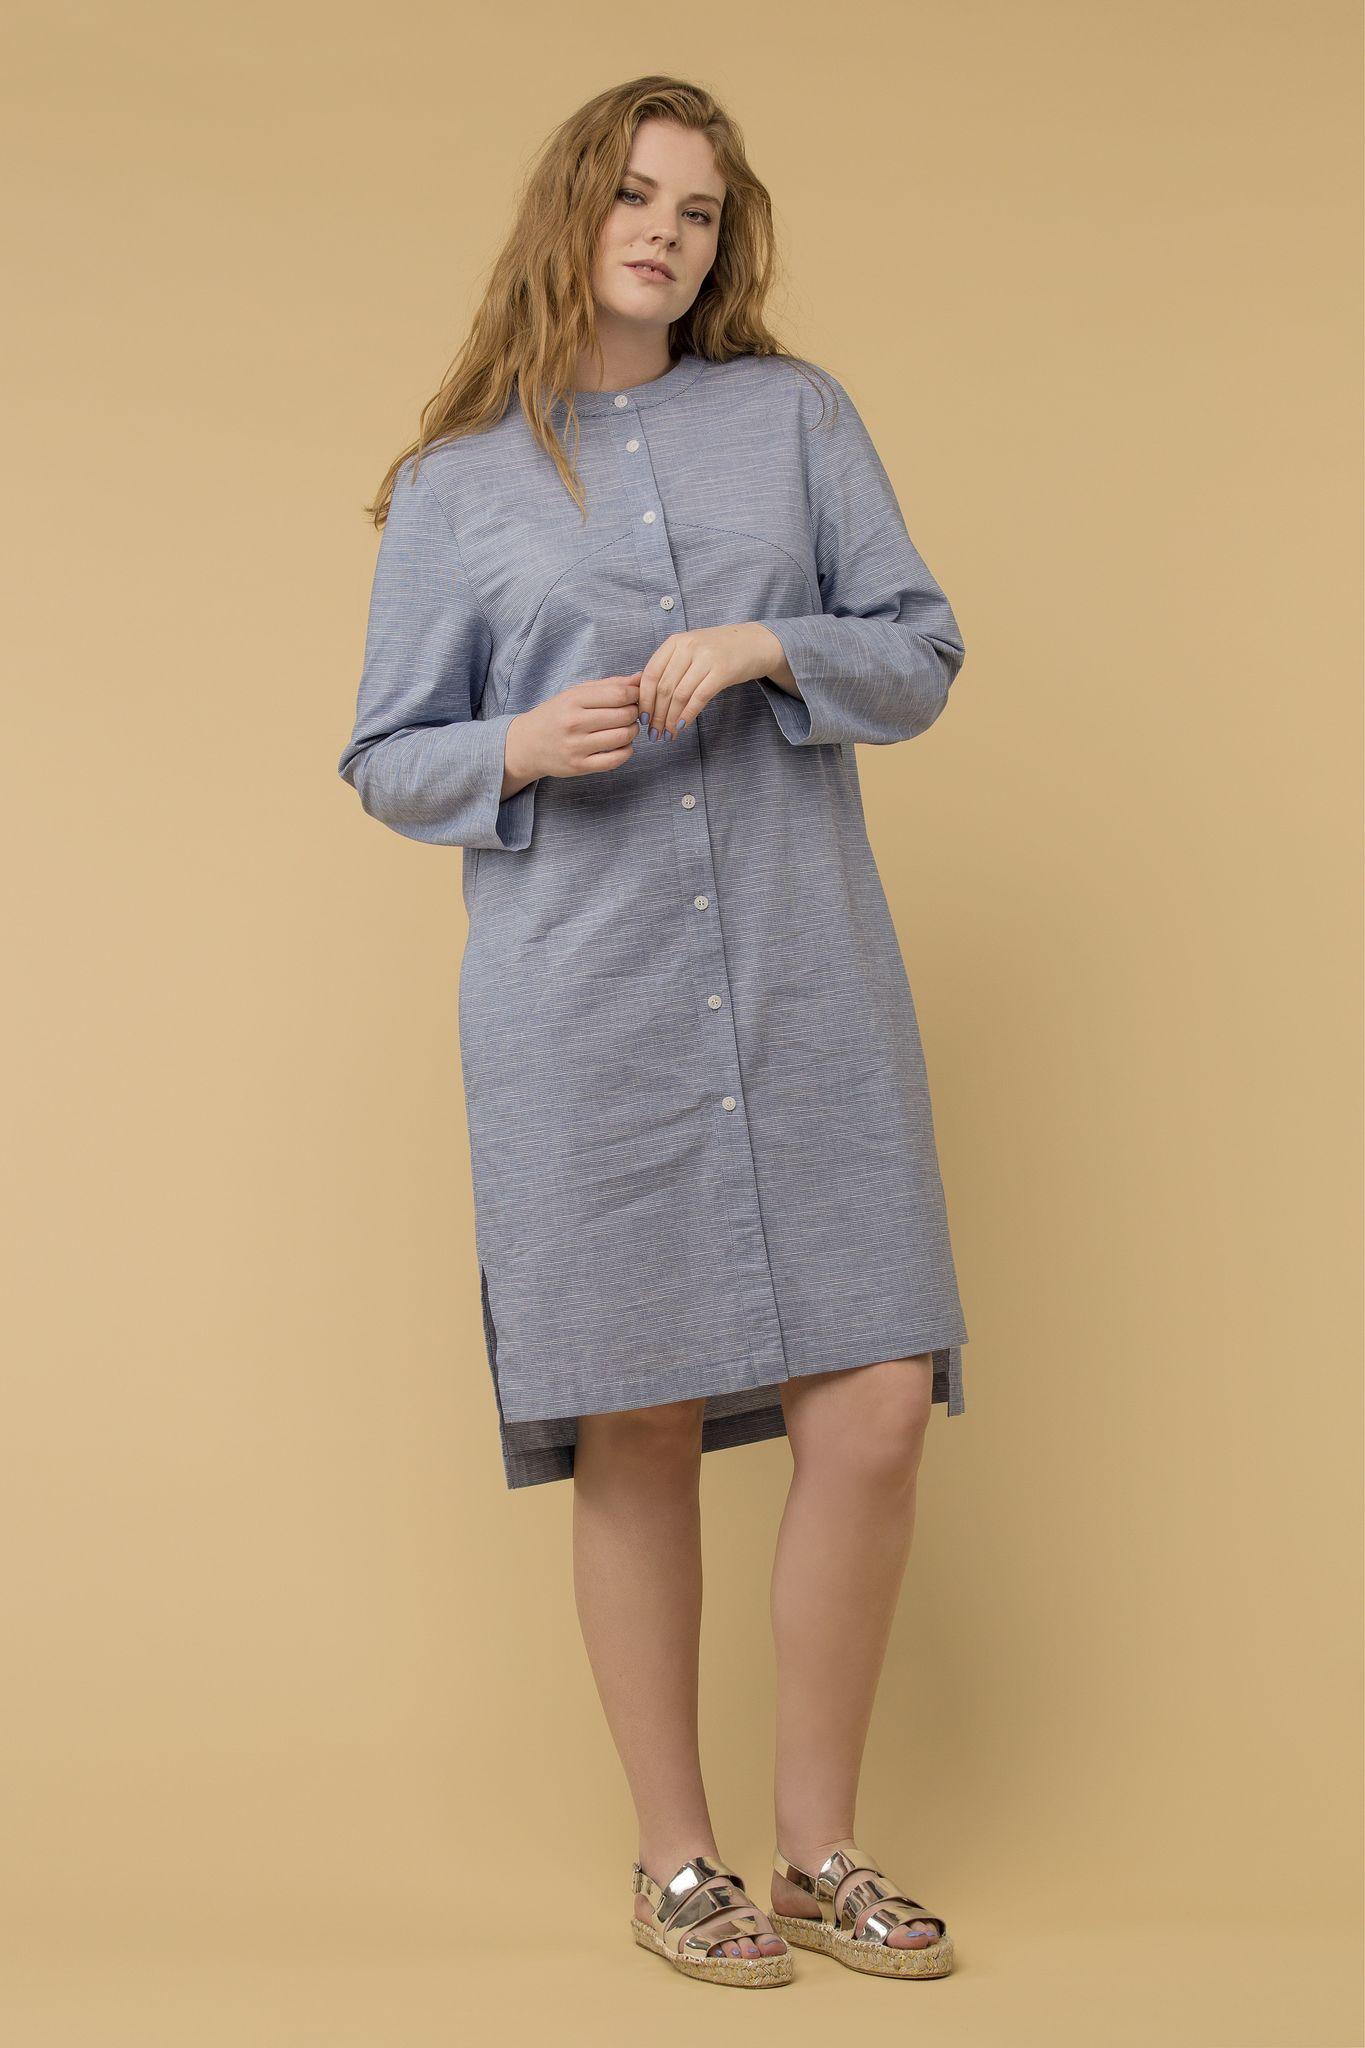 Платье LE-04 D02 91Платья<br>Платье-рубашка из  хлопка в тонкую полоску хорошая базовая летнаяя вещь. Идеально для жаркой погоды, как платье , а для прохладной, как очень легкий кардиган. Разноуровневый низ - вкусная деталь, тираж ограничен.<br>